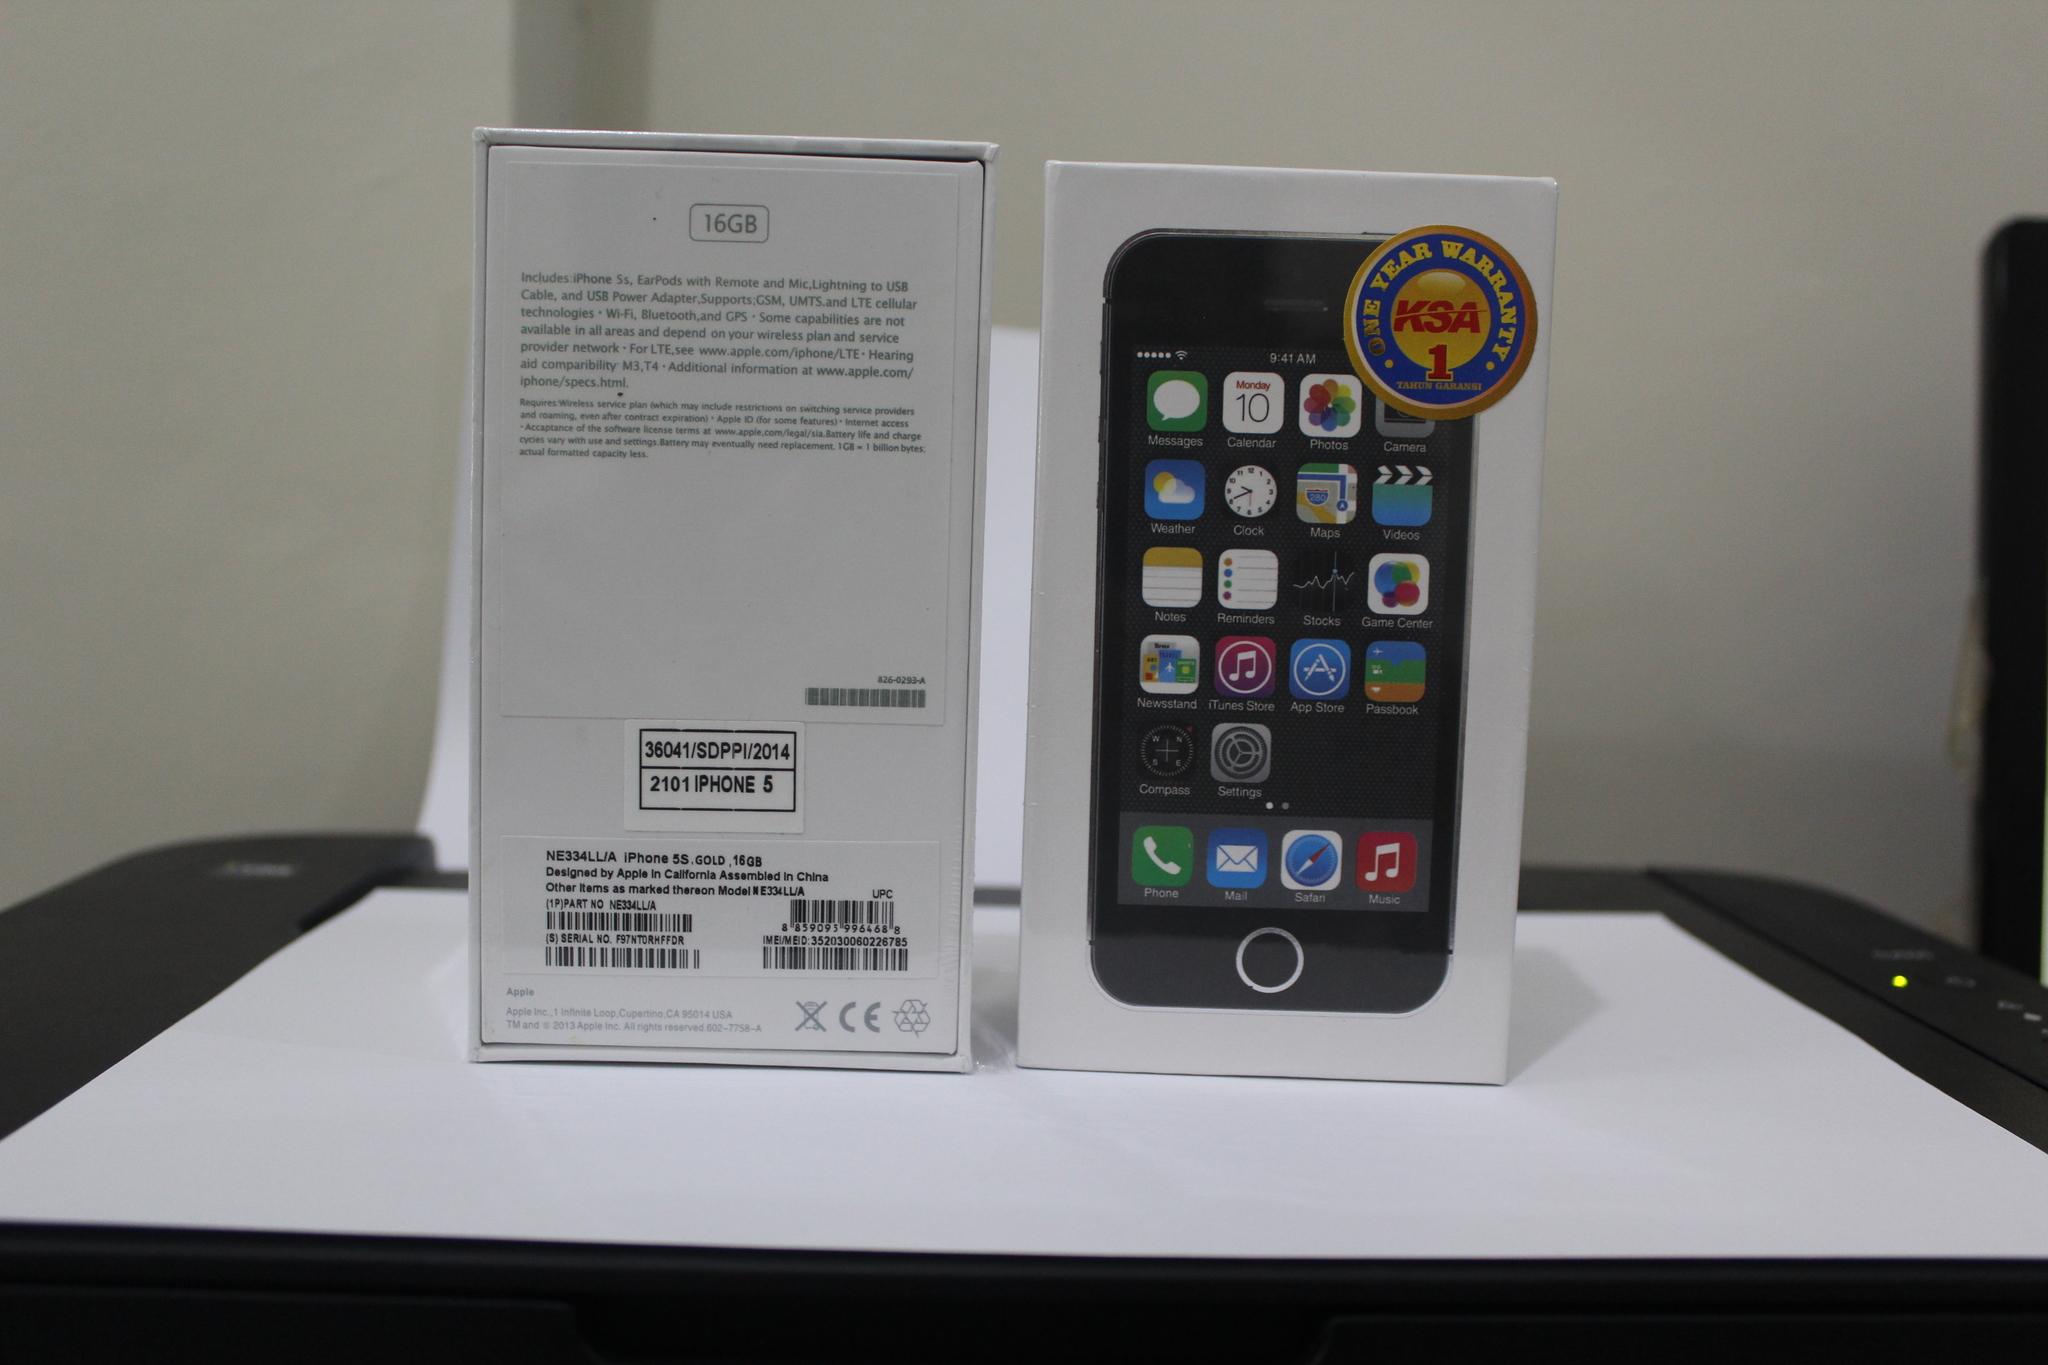 Jual Iphone 5s 16 Gb Grey Garansi Distributor Ksa K Line Tokopedia 5 1 Tahun